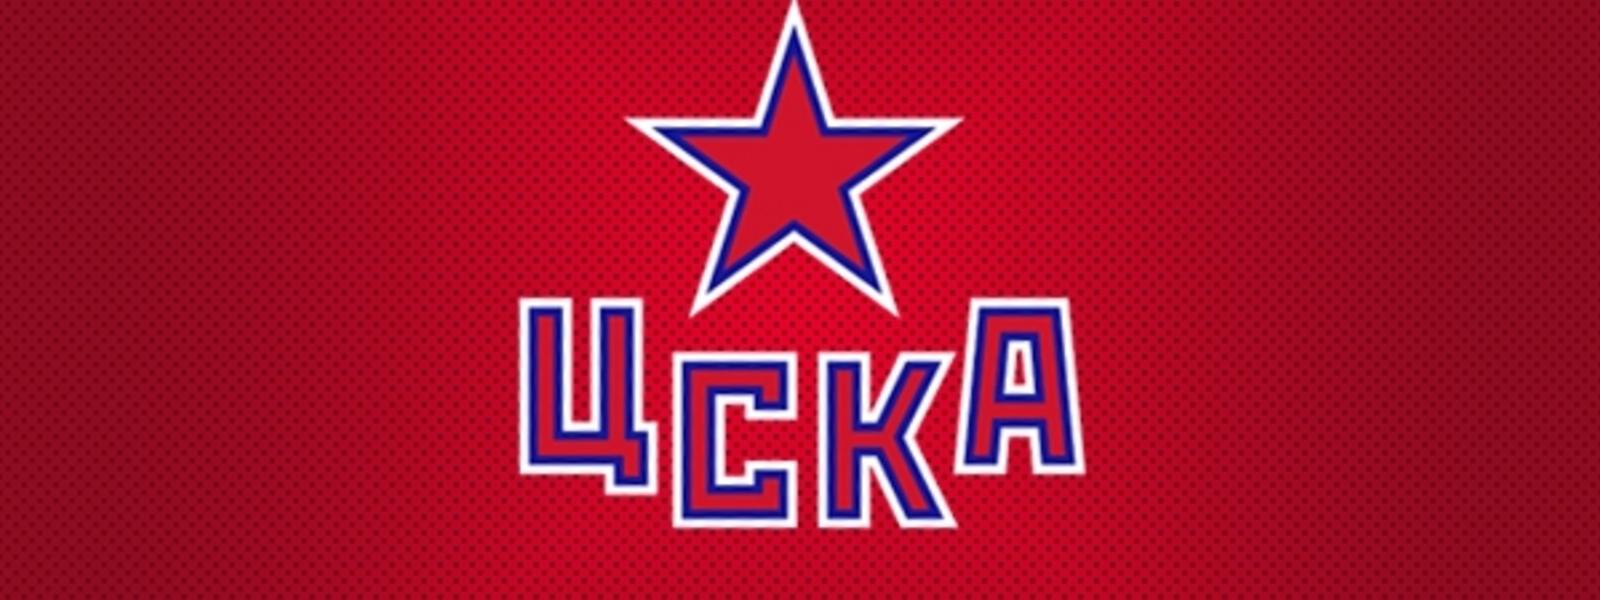 эмблема хоккейного клуба цска фото является одной самых